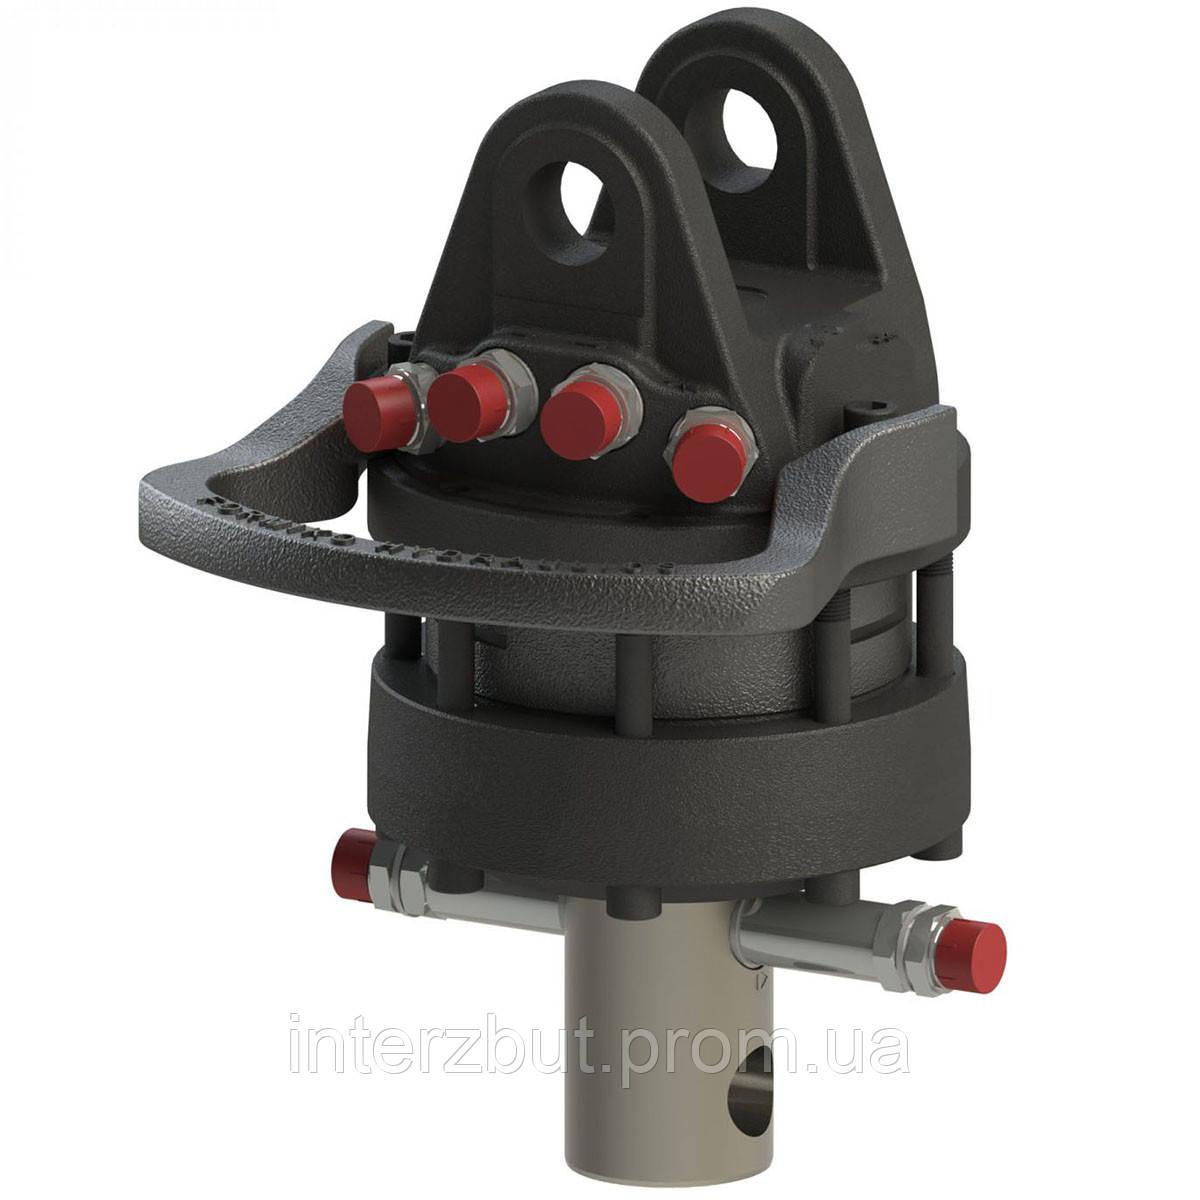 Ротатор гідравлічний 6t / Ротатор гидравлический 6t